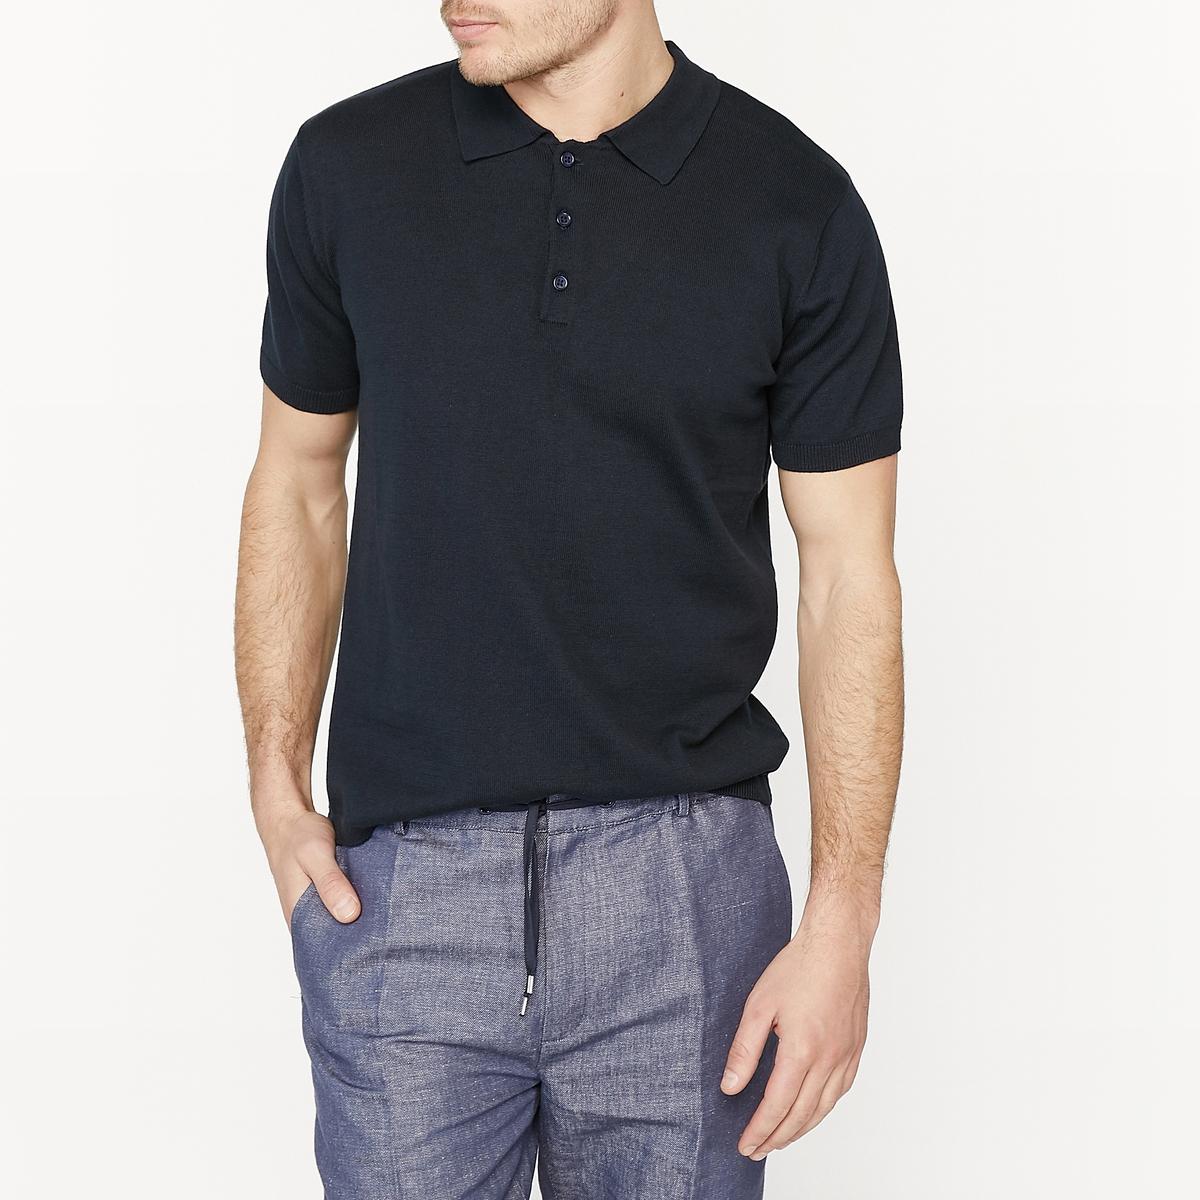 Пуловер с короткими рукавами и круглым вырезом, 100% хлопок